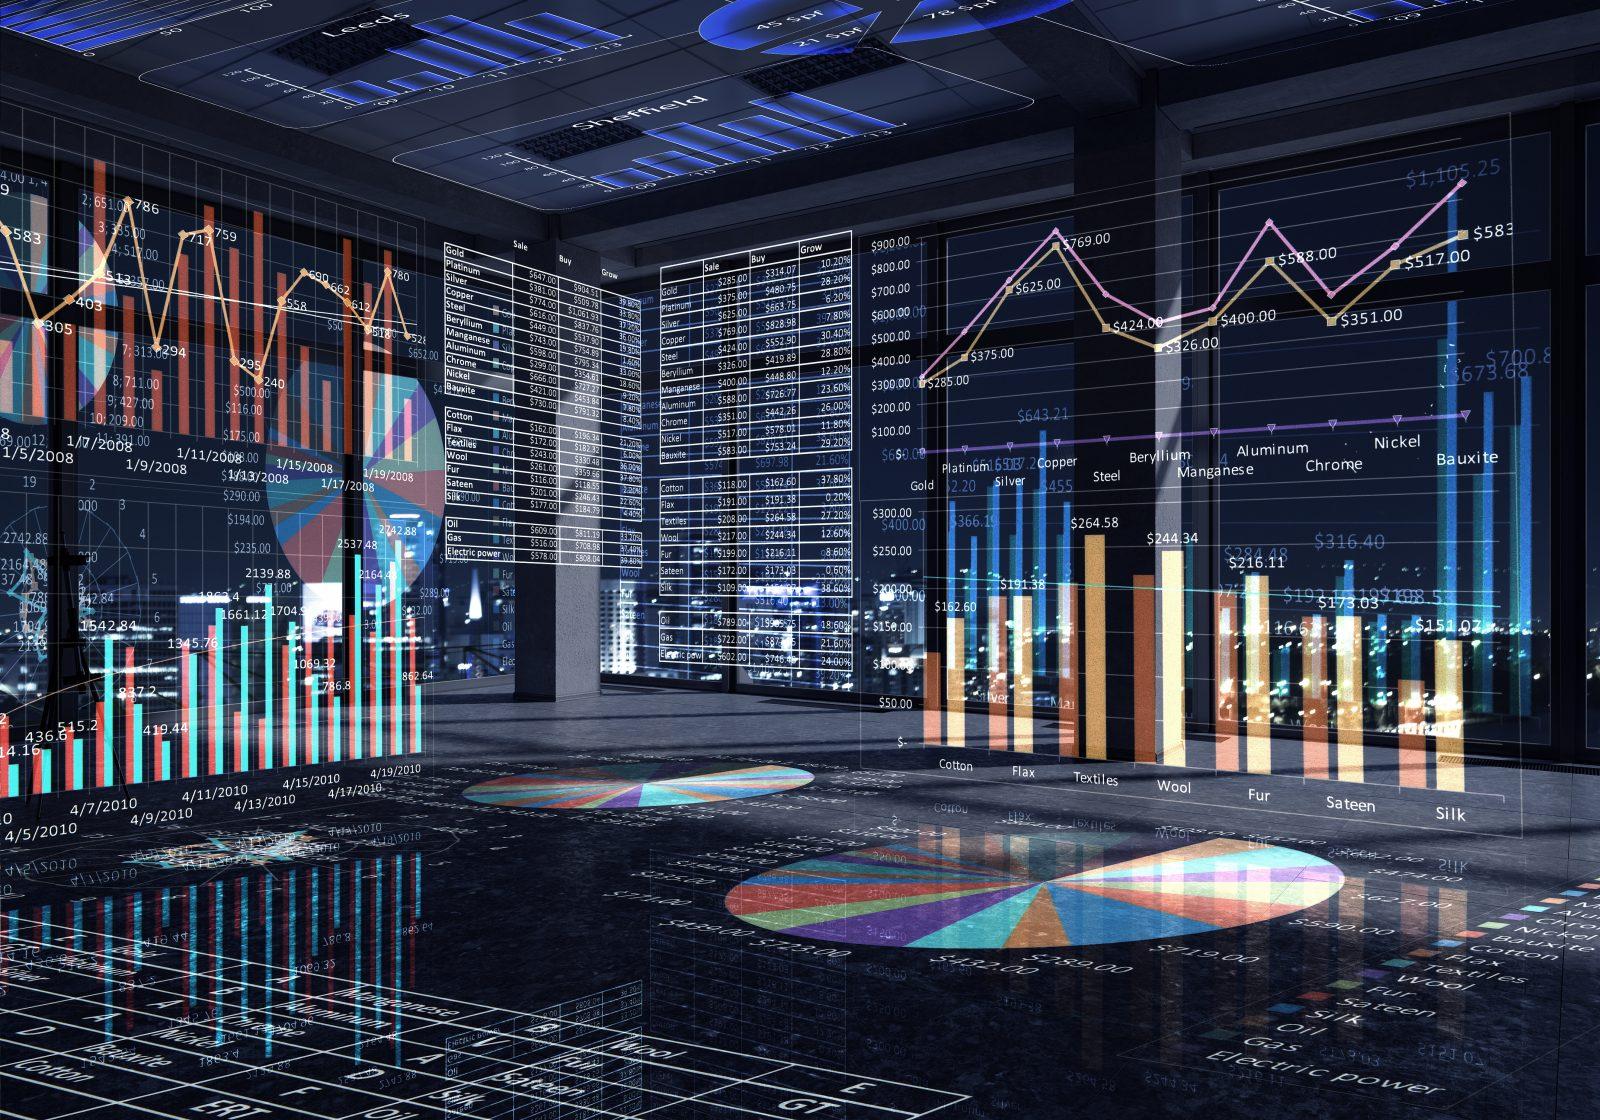 Alteryx Aktie investieren - Bild mit Diagrammen und Daten zur Datenanalyse